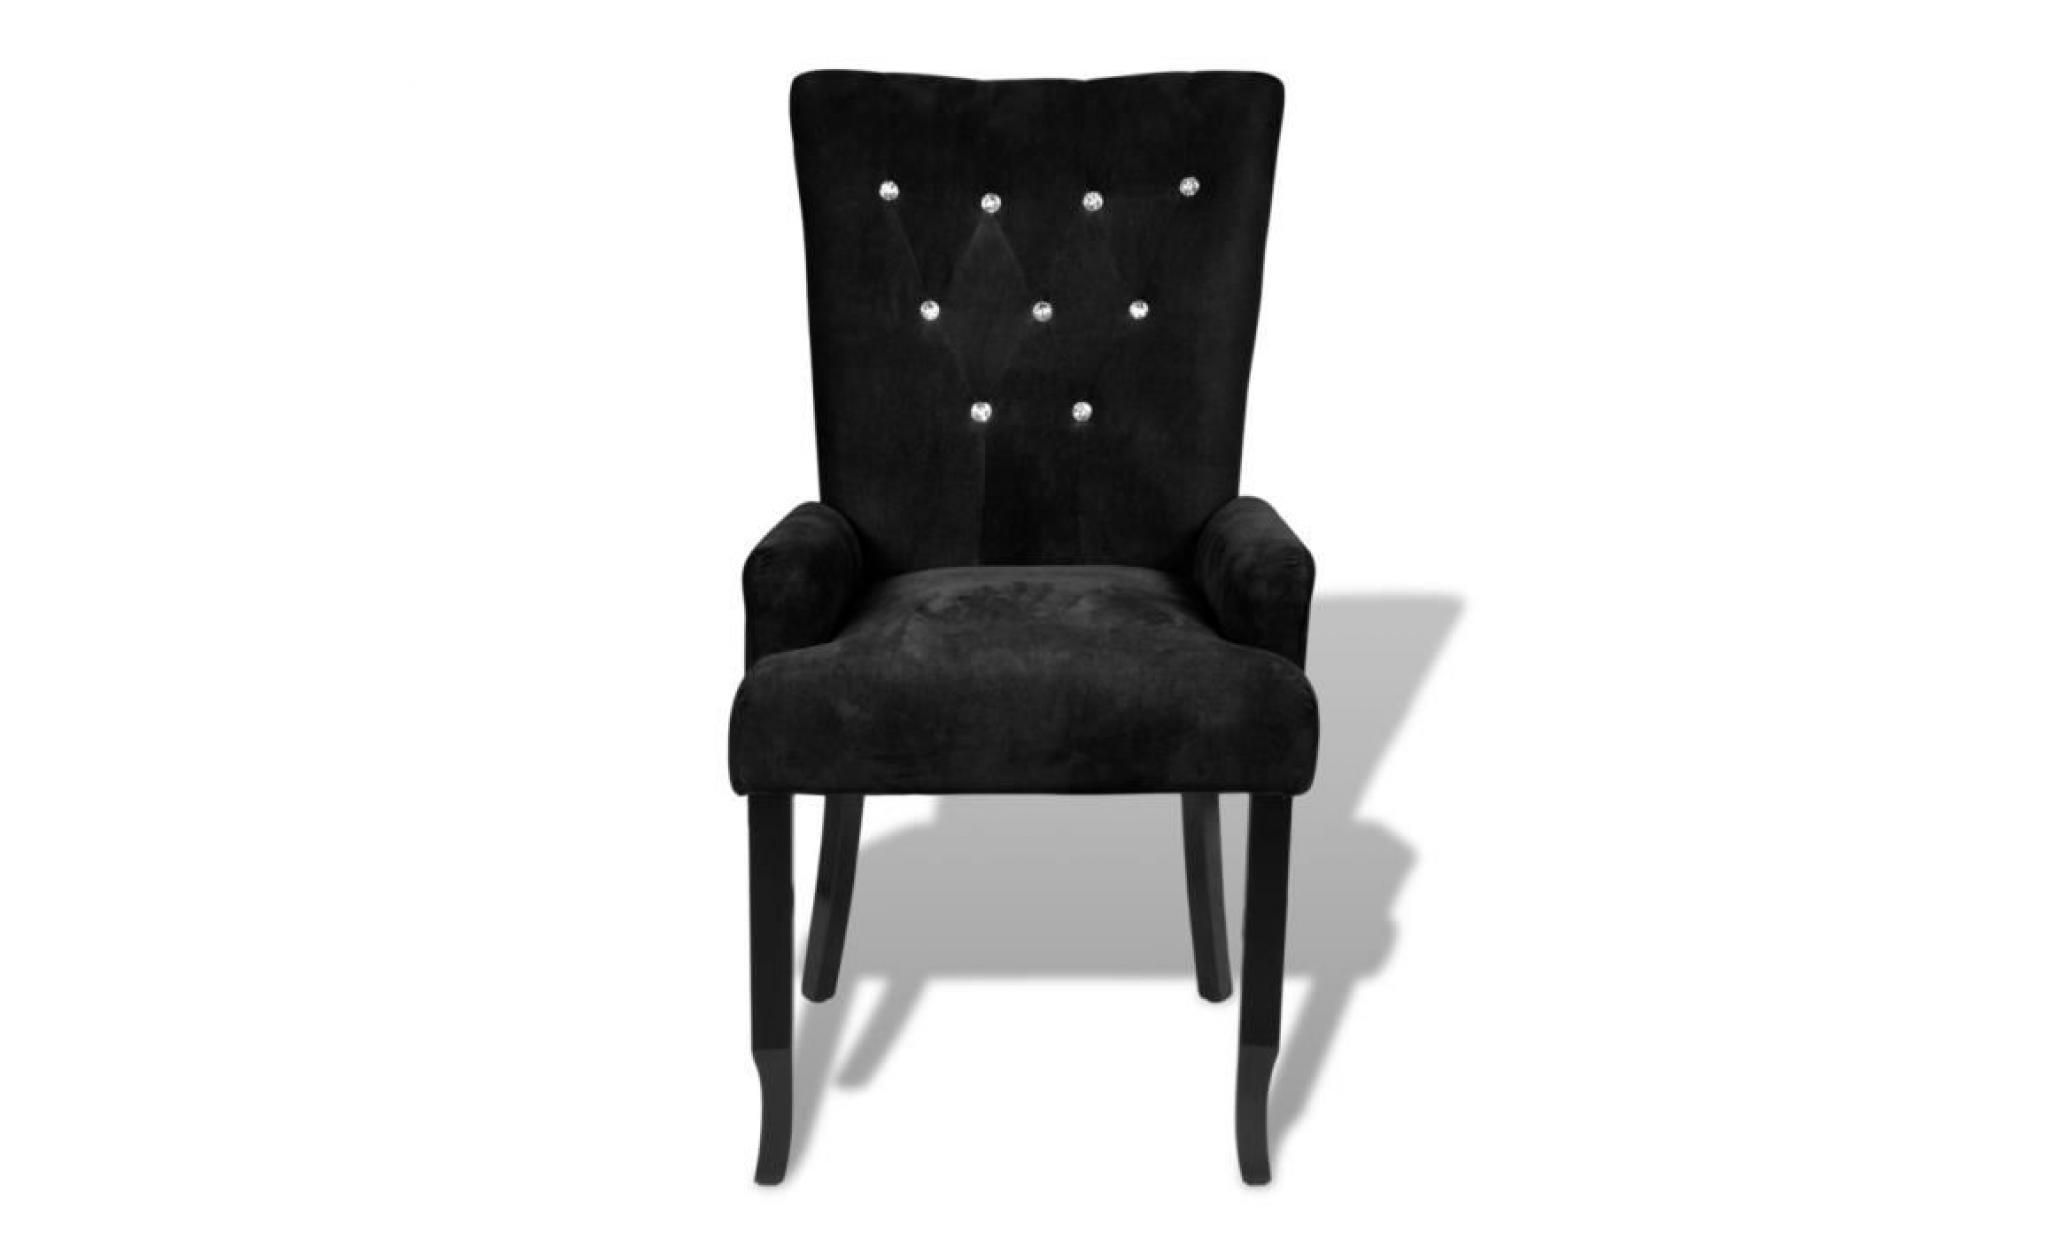 Chaise Capitonnee Noir 54 X 56 106 Cm Pas Cher